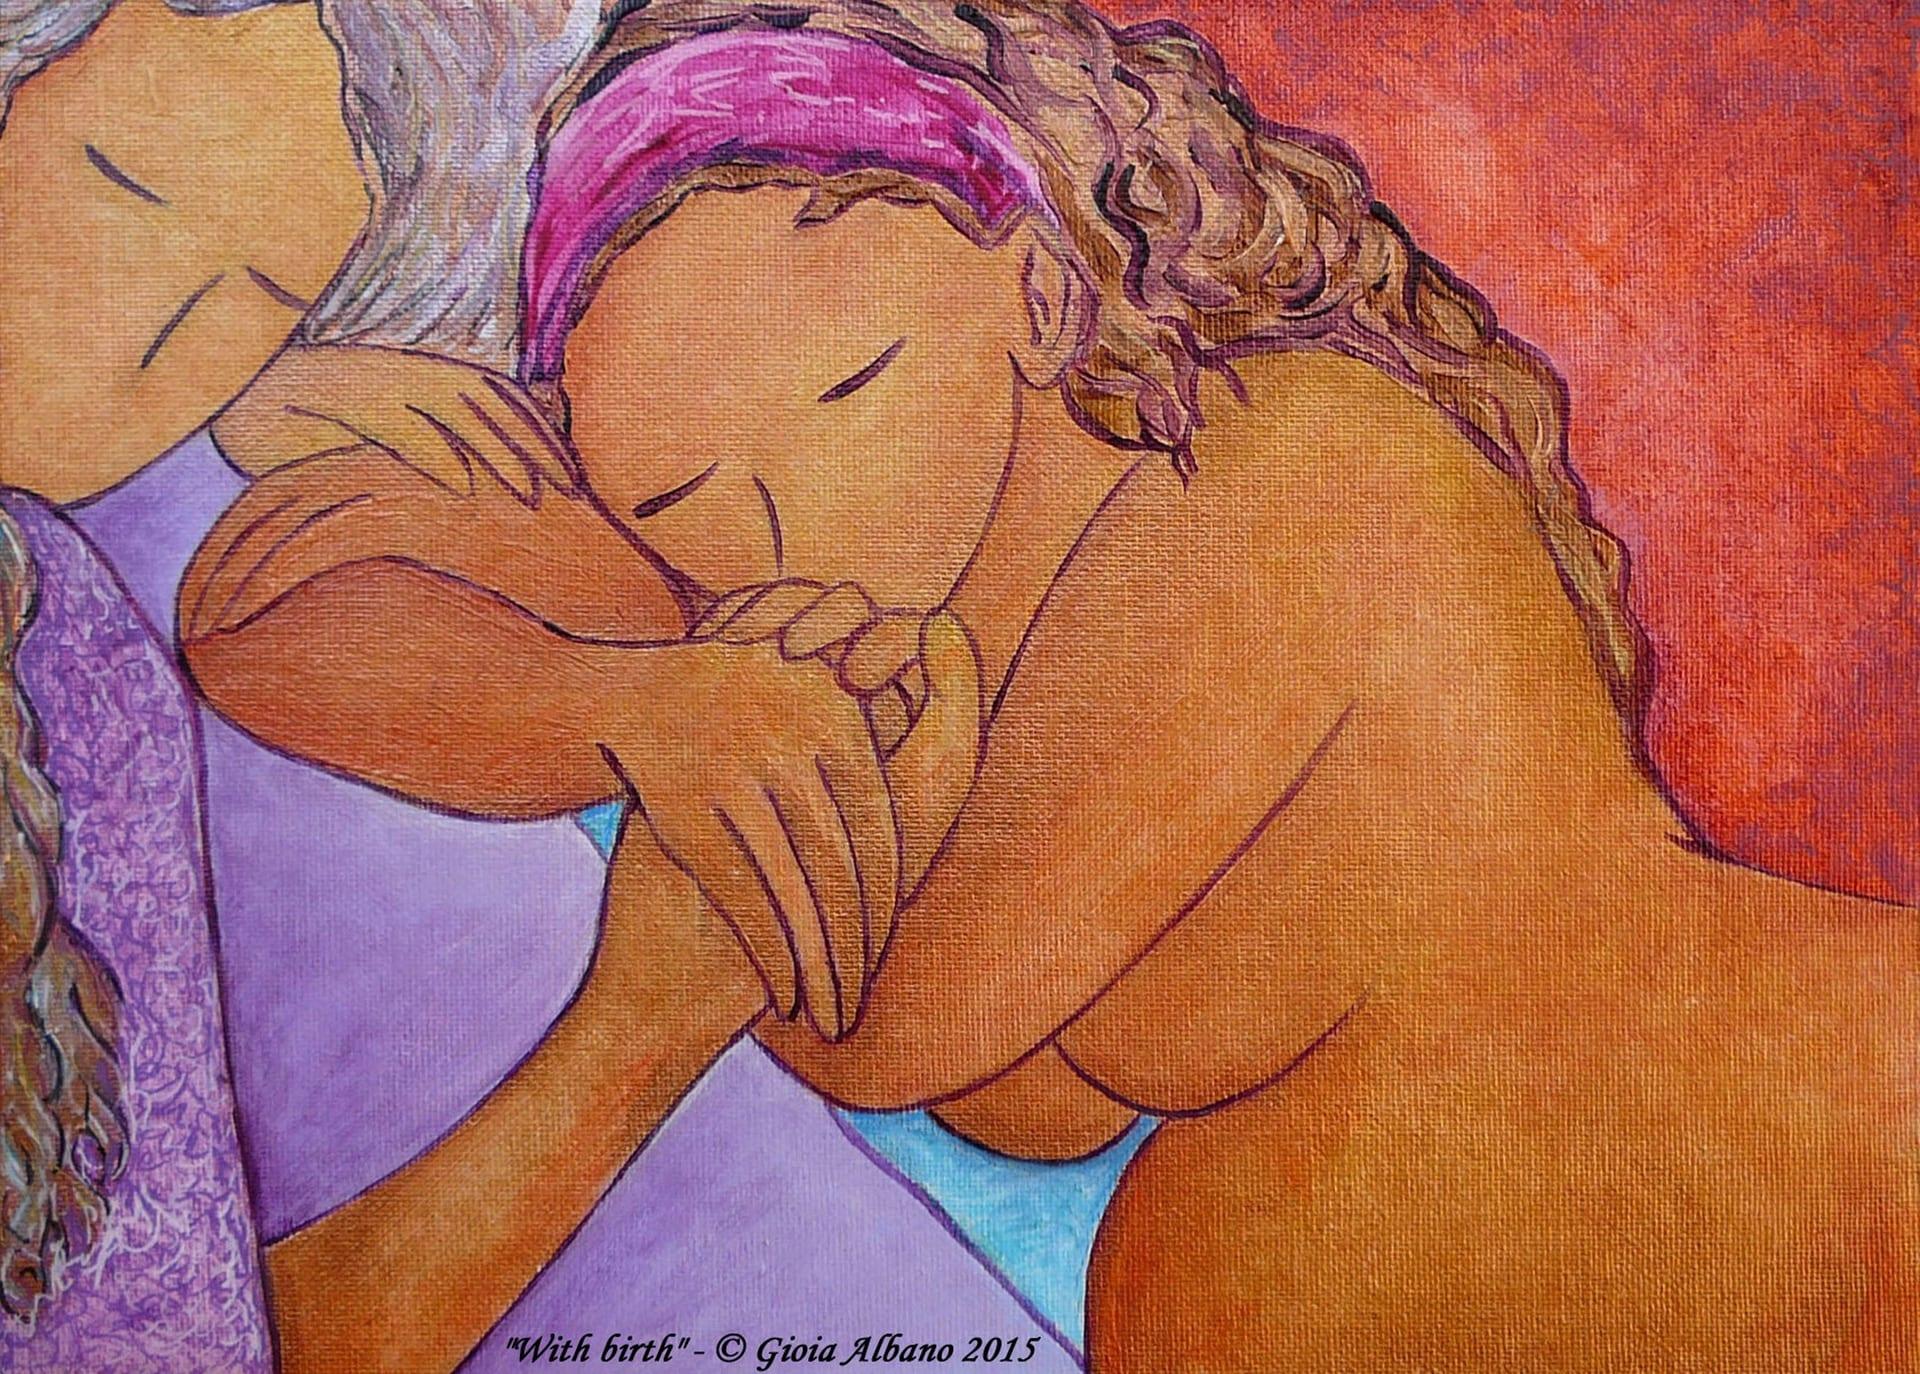 doulas acompañando la maternidad